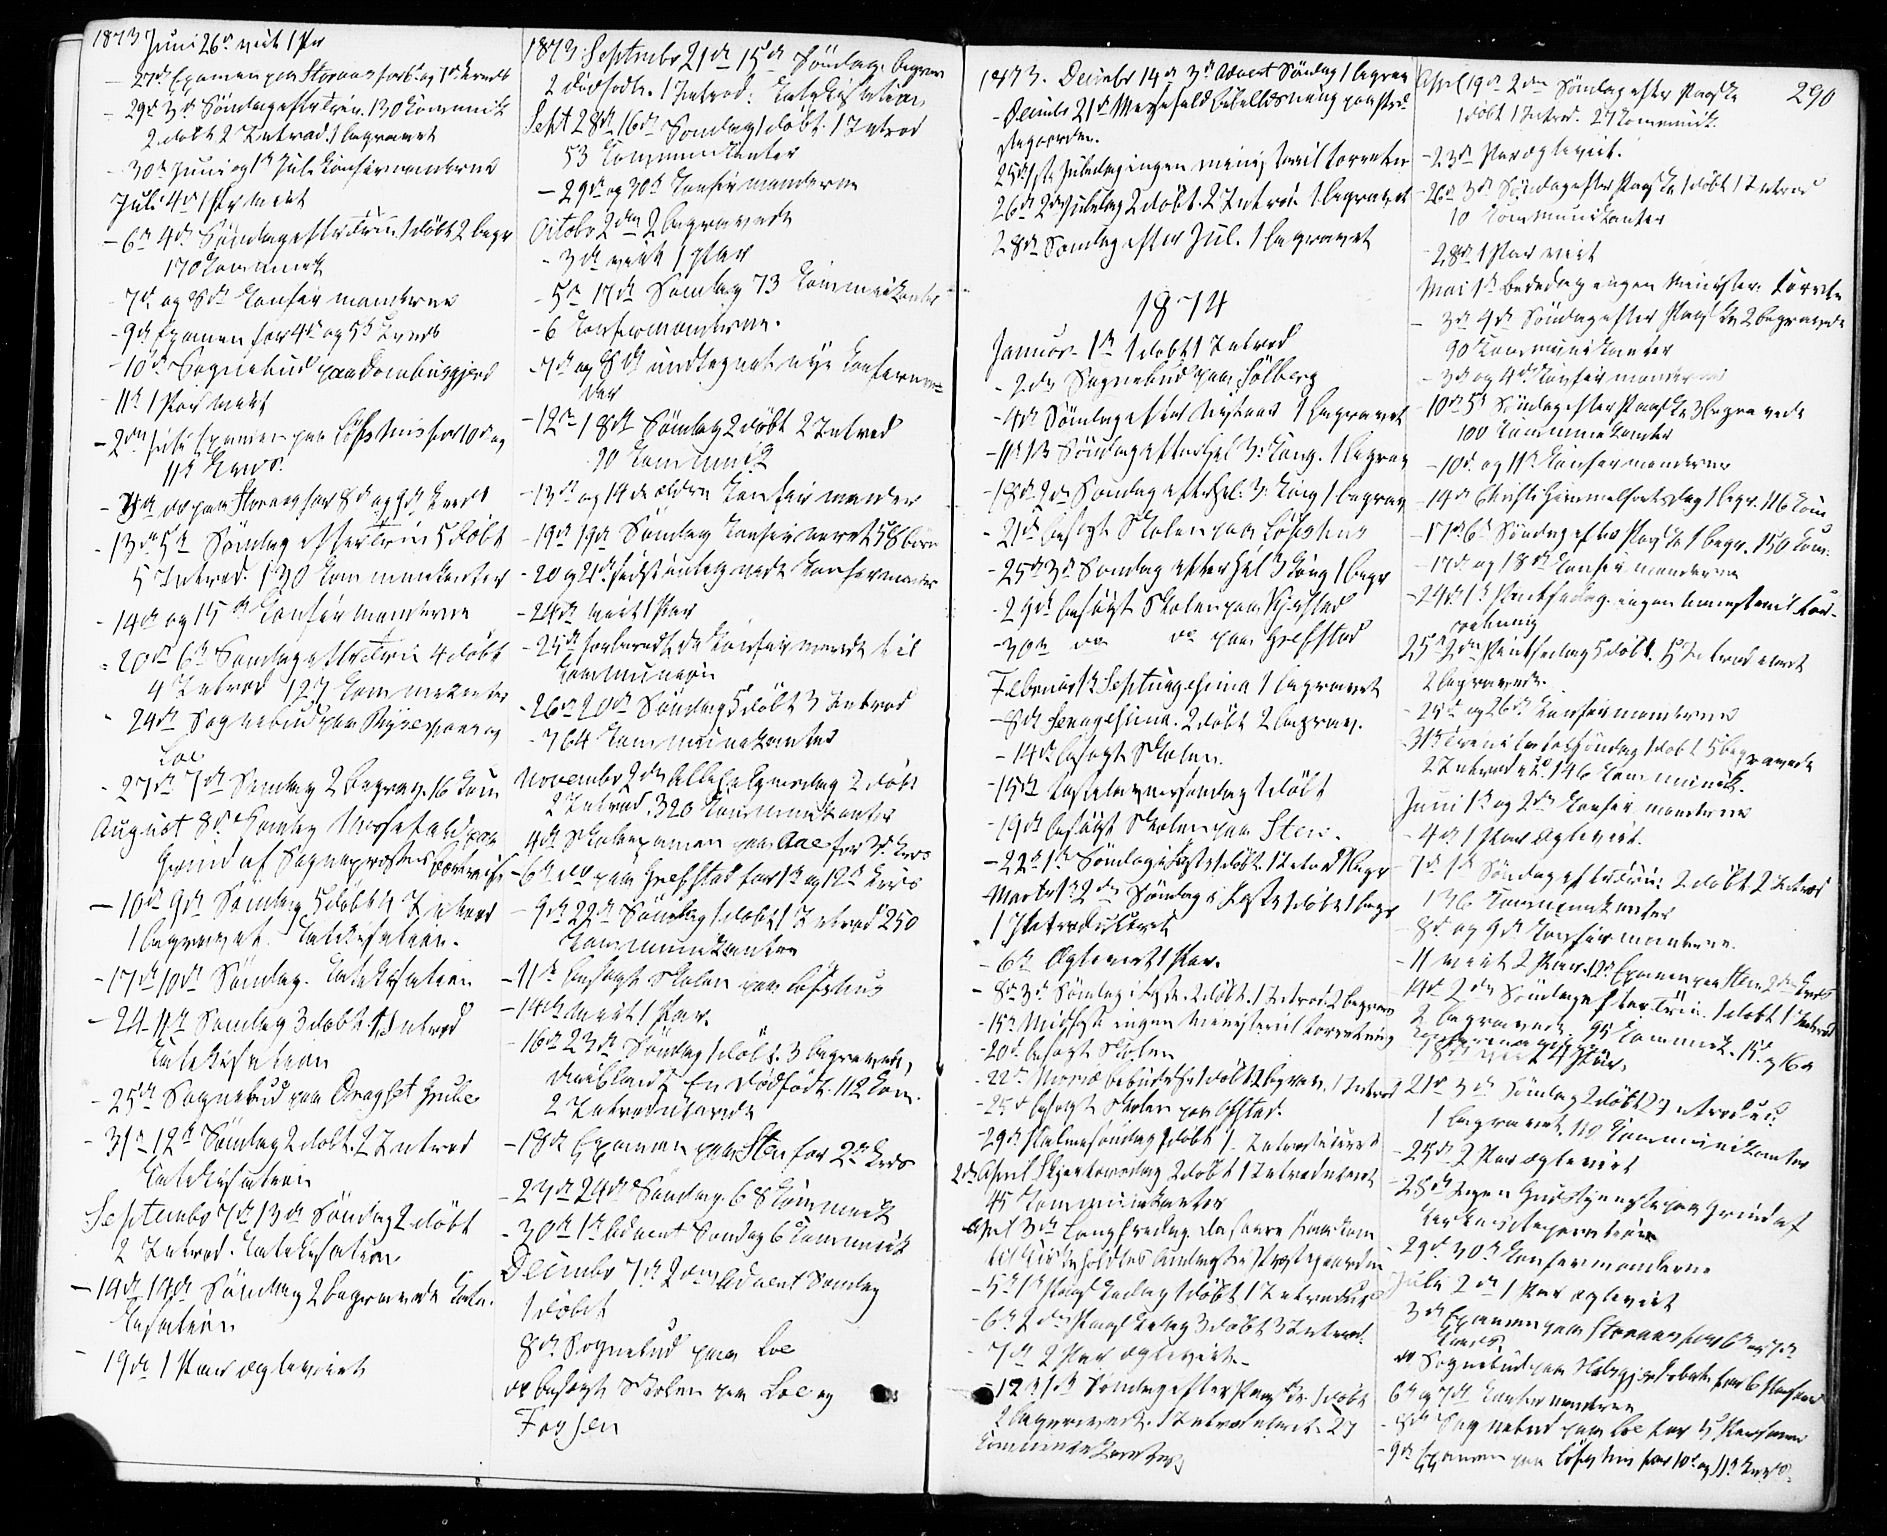 SAT, Ministerialprotokoller, klokkerbøker og fødselsregistre - Sør-Trøndelag, 672/L0856: Ministerialbok nr. 672A08, 1861-1881, s. 290